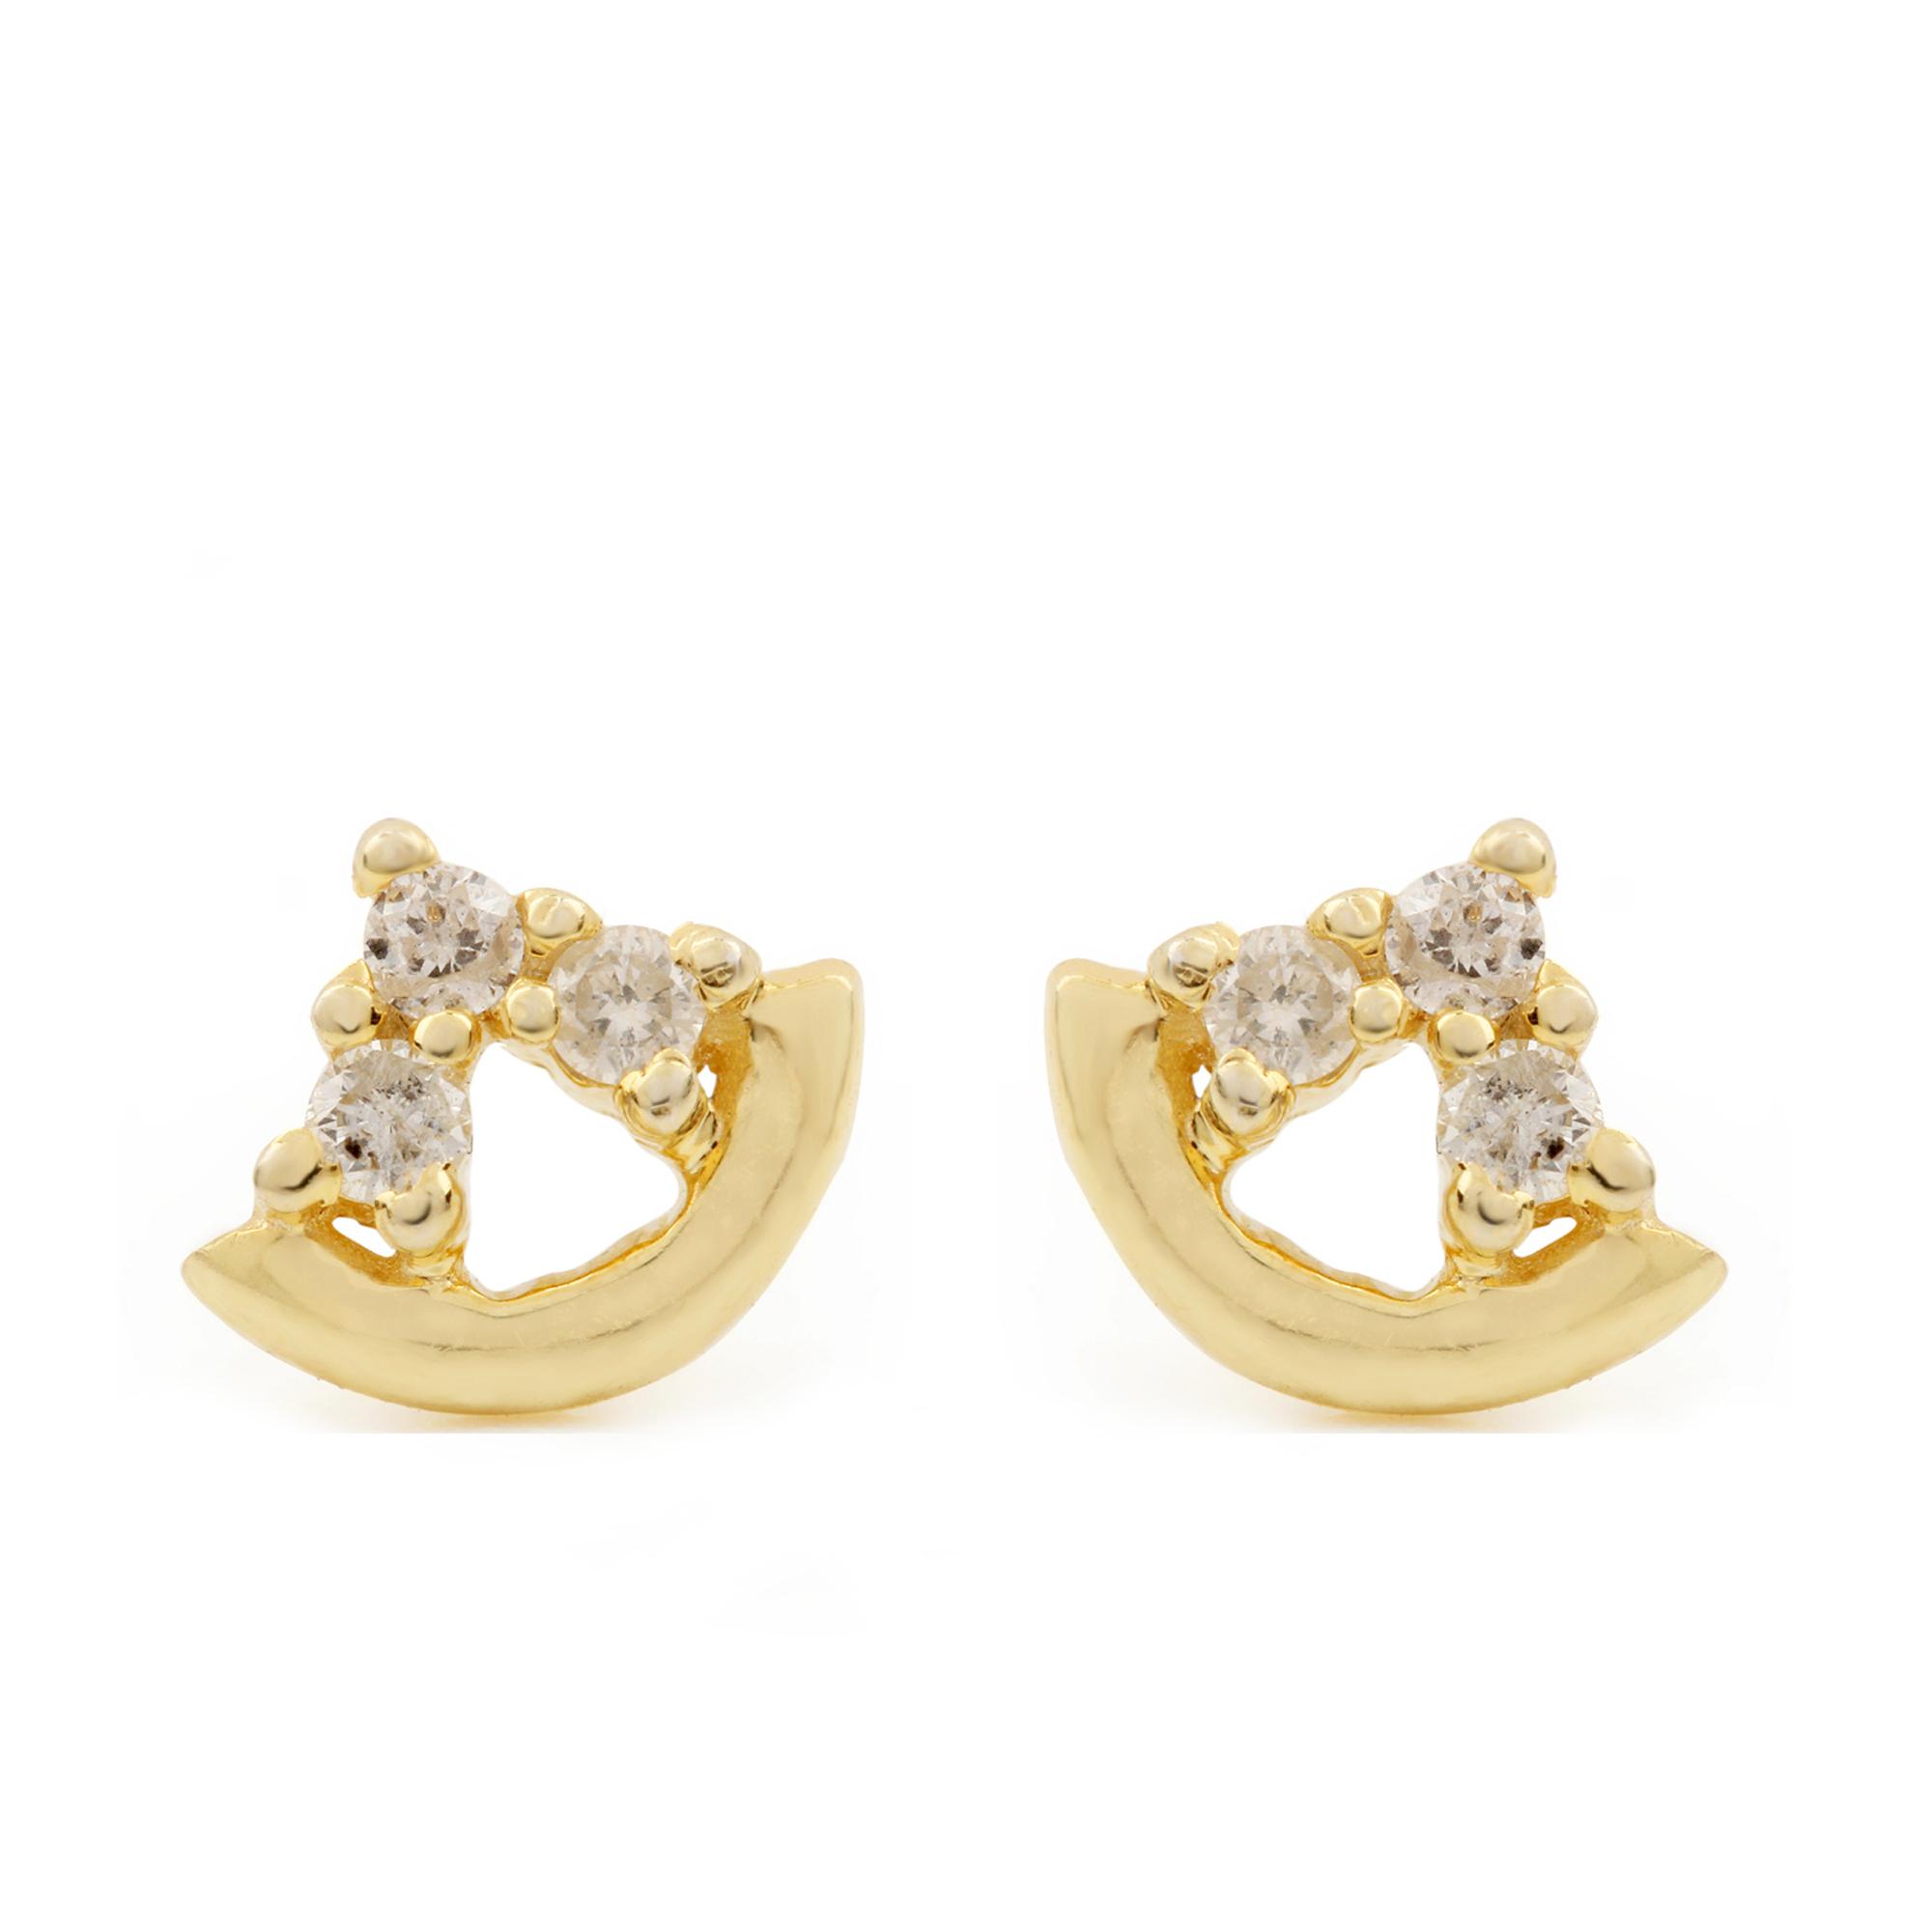 14k Solid Gold Natural Diamond Minimalist Stud Earrings